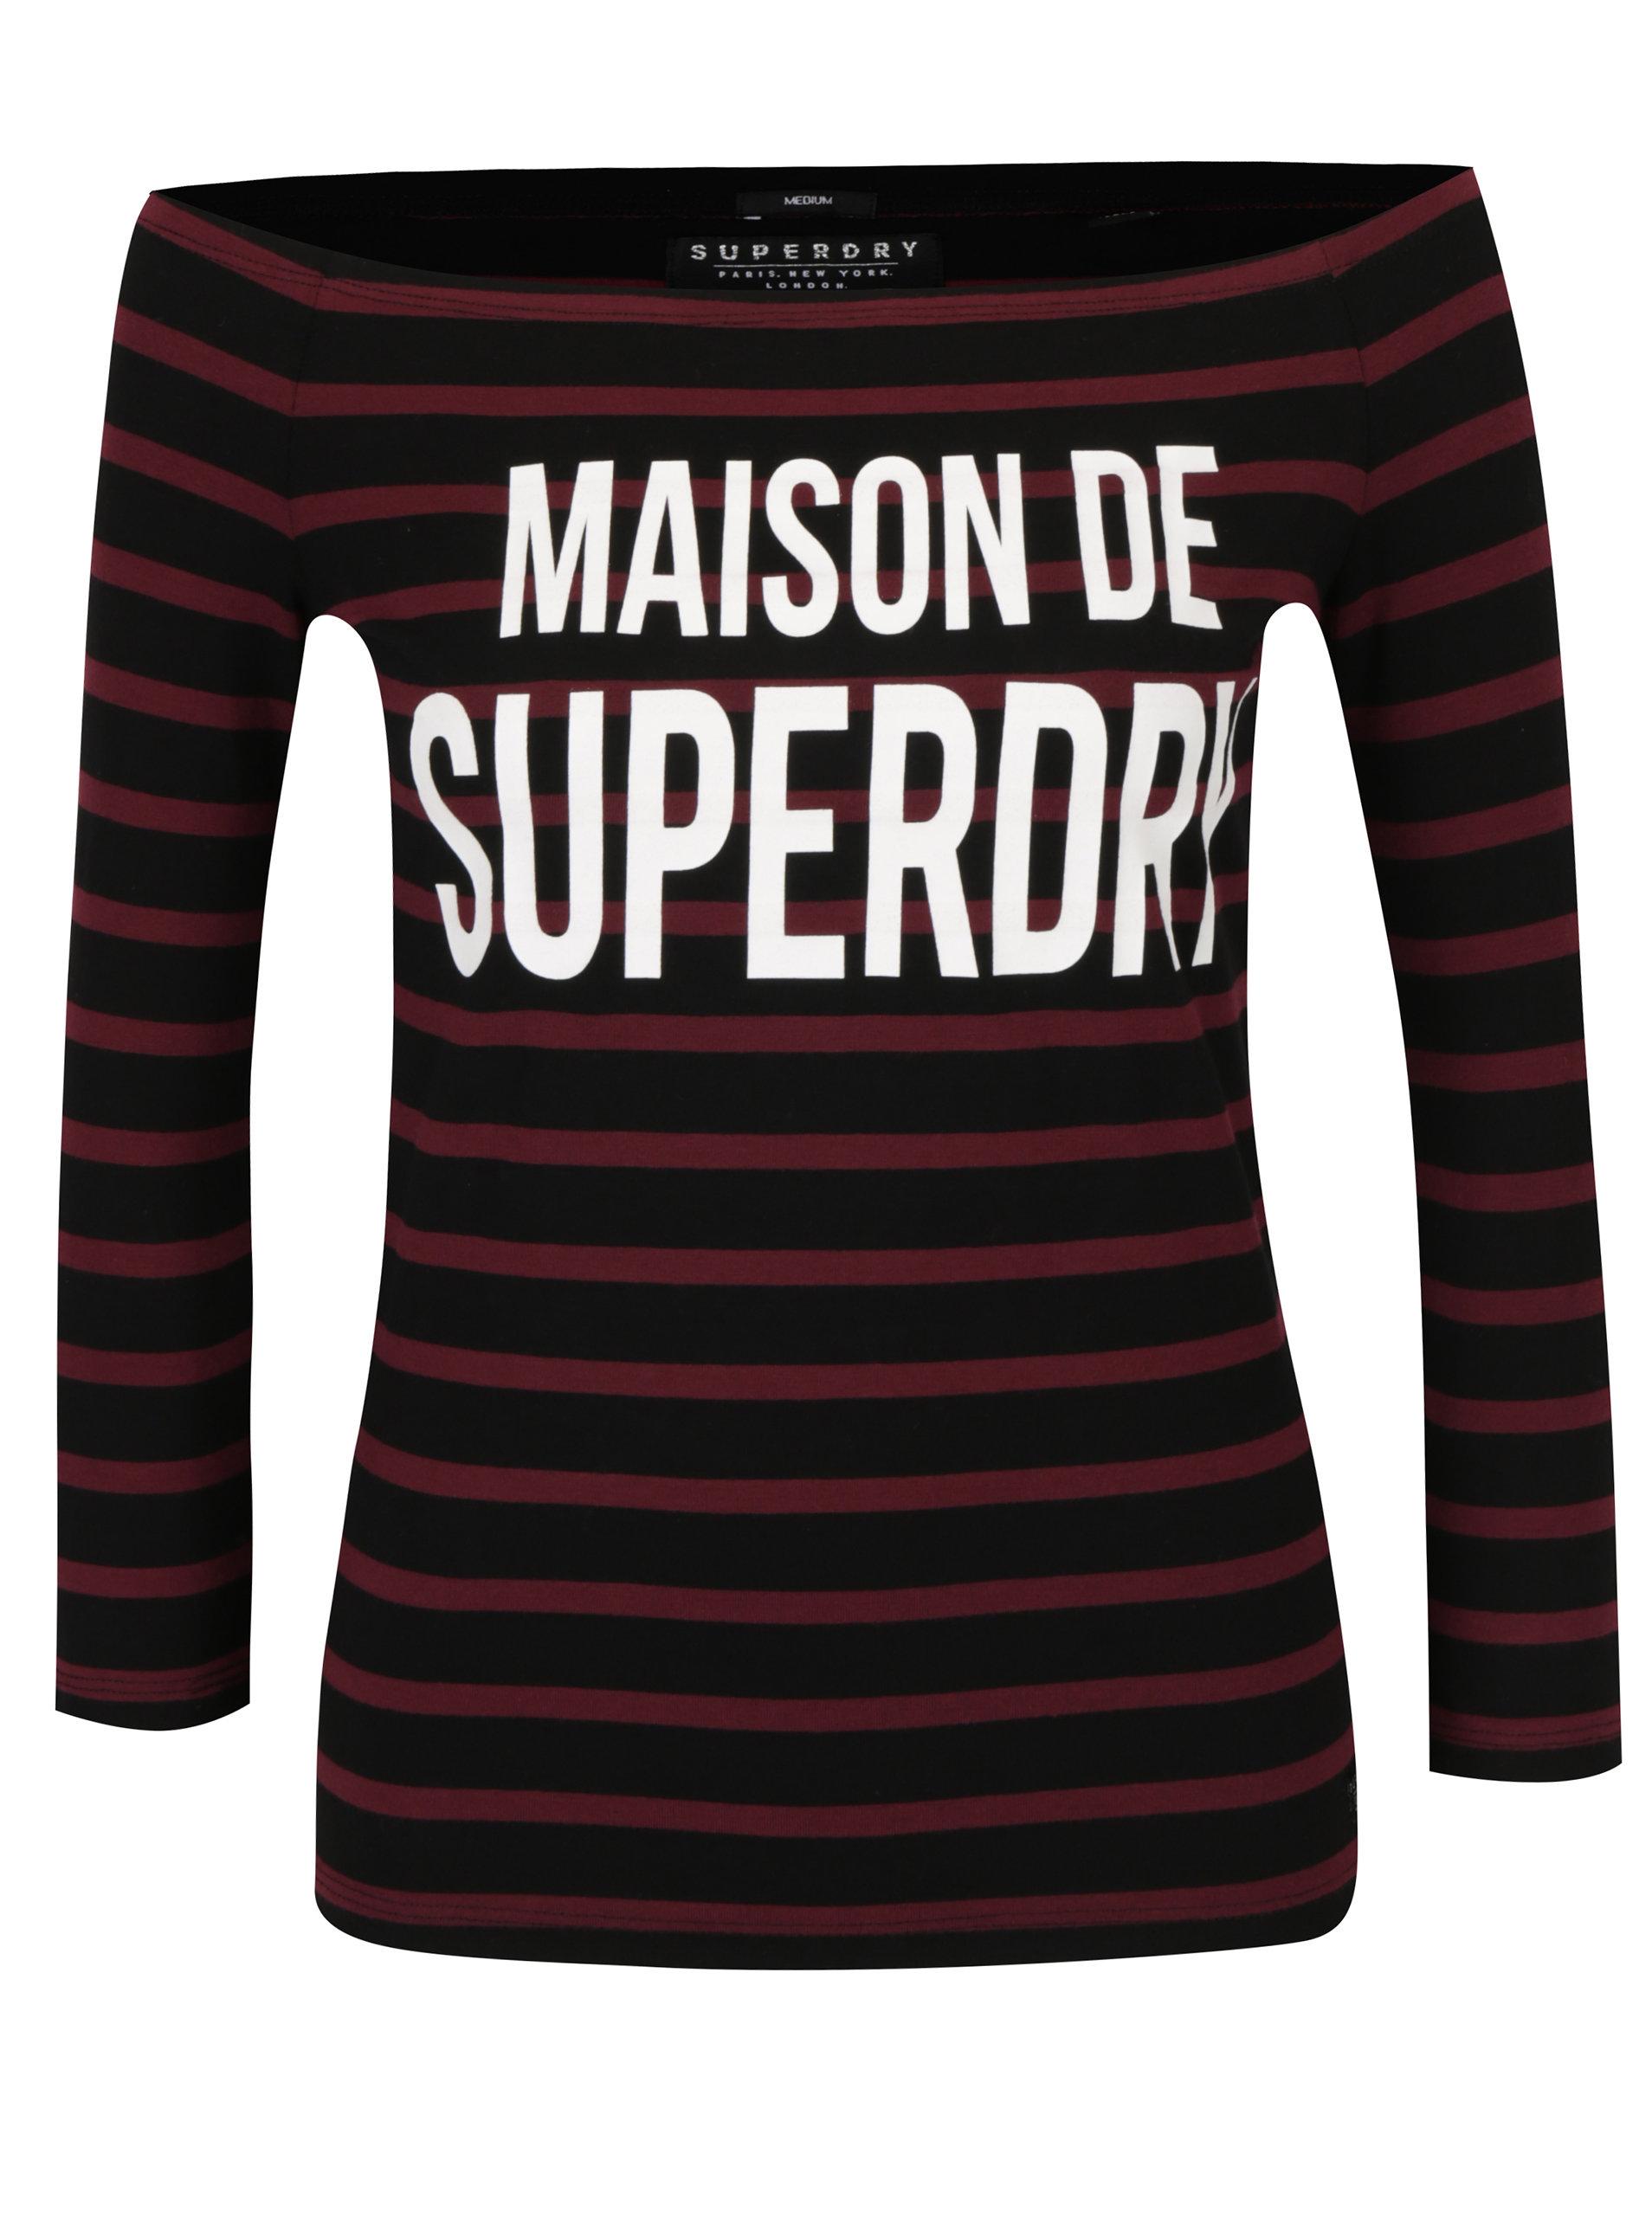 Vínovo-čierne dámske pruhované tričko s potlačou s lodičkovým výstrihom  Superdry Graphic ... 32d56246afa